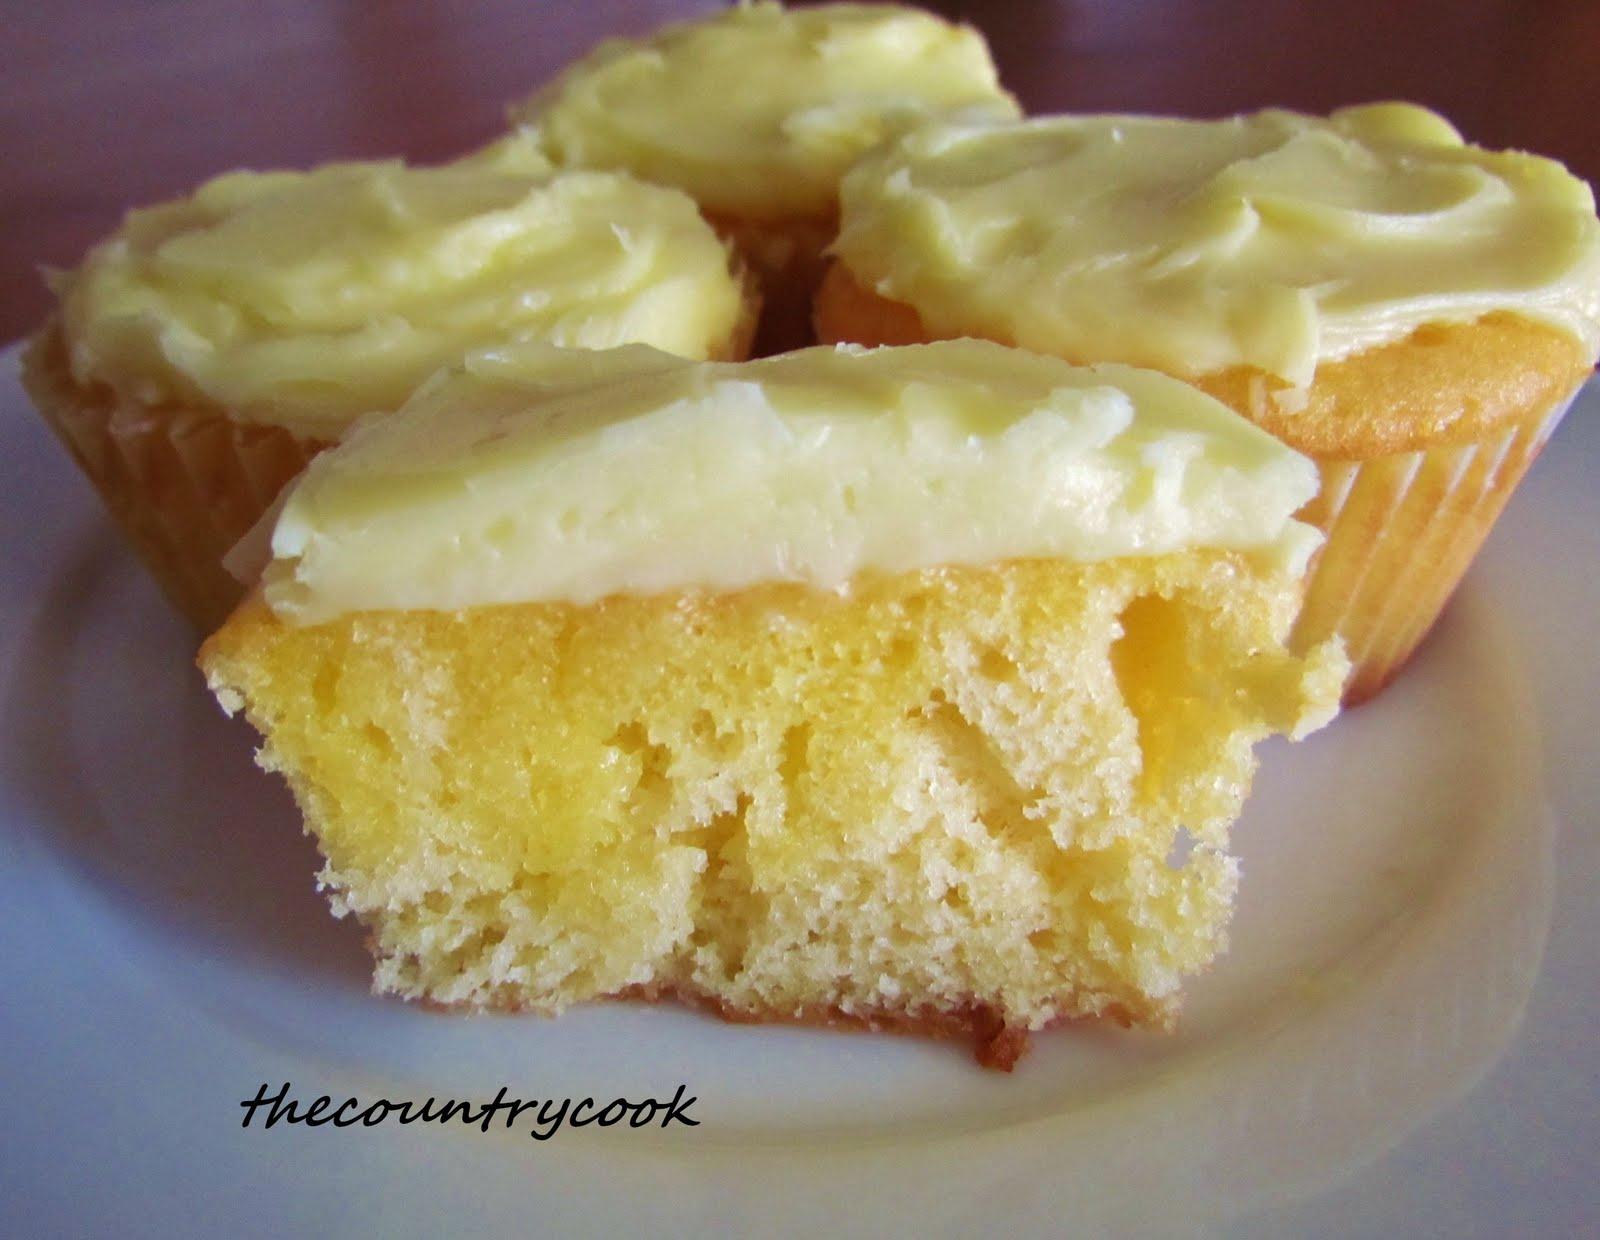 Lemon Blueberry Cupcakes Using Box Cake Mix